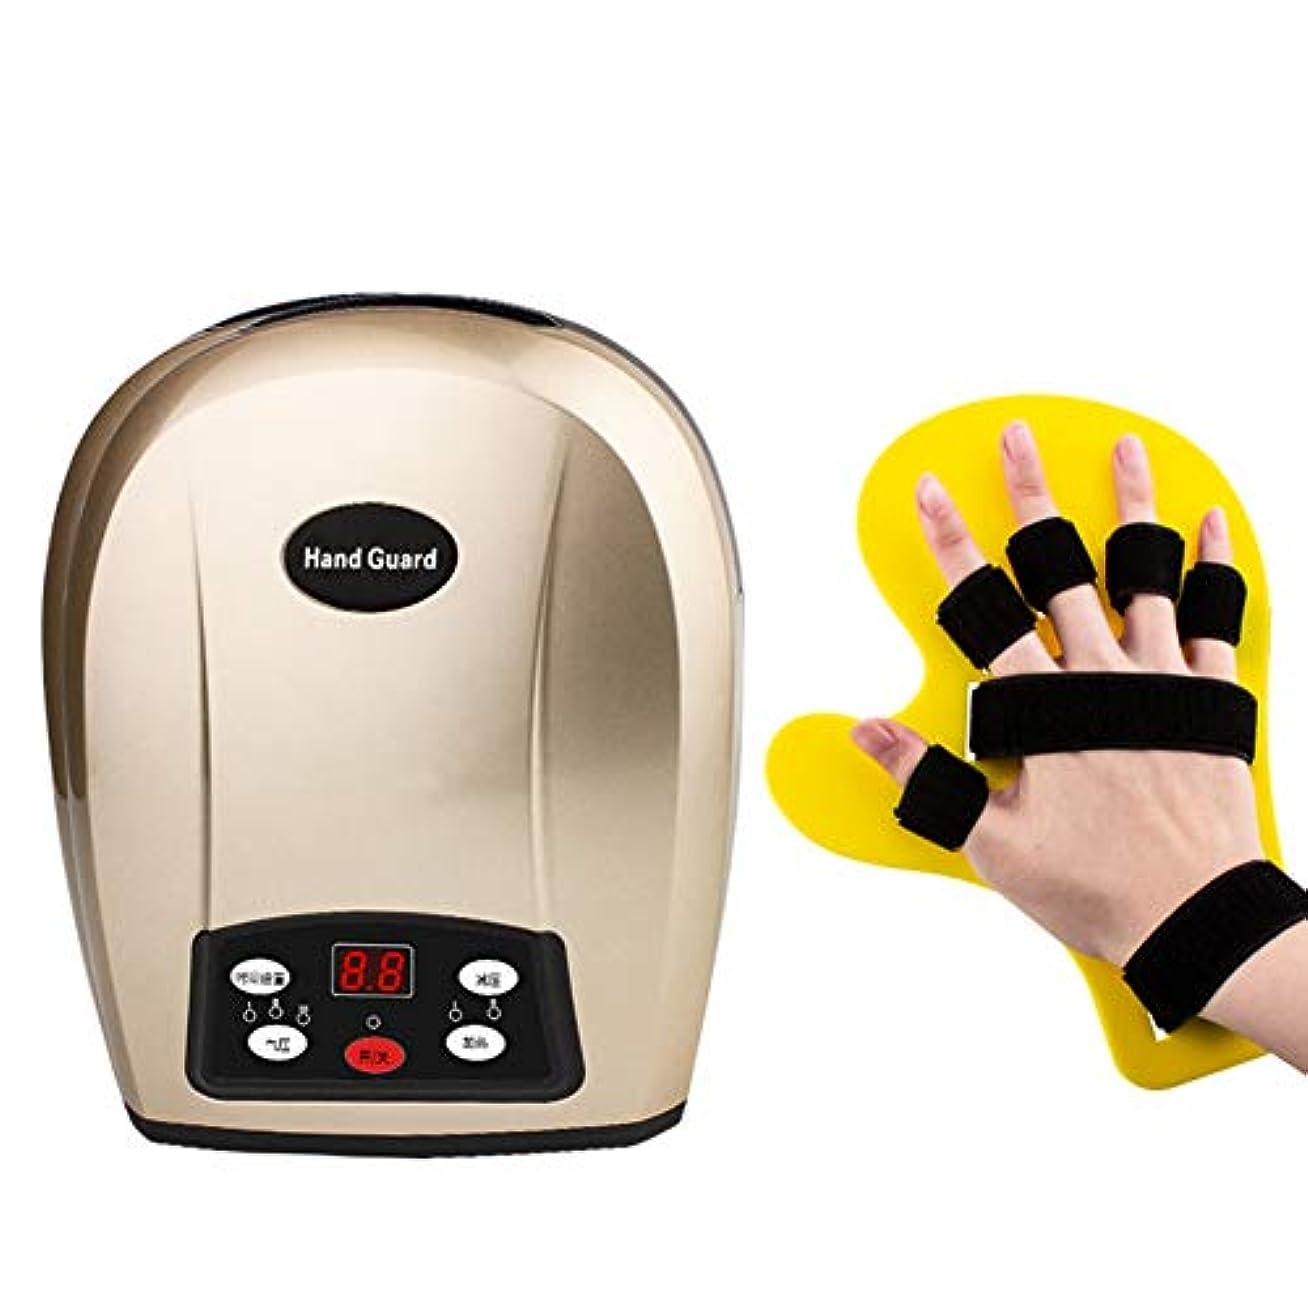 気難しい甘味待って関節炎の鎮痛、調節可能な圧力とタイマーのための混練と熱療法を備えた電動ハンドマッサージ器,MassagerAndFingerSeparator